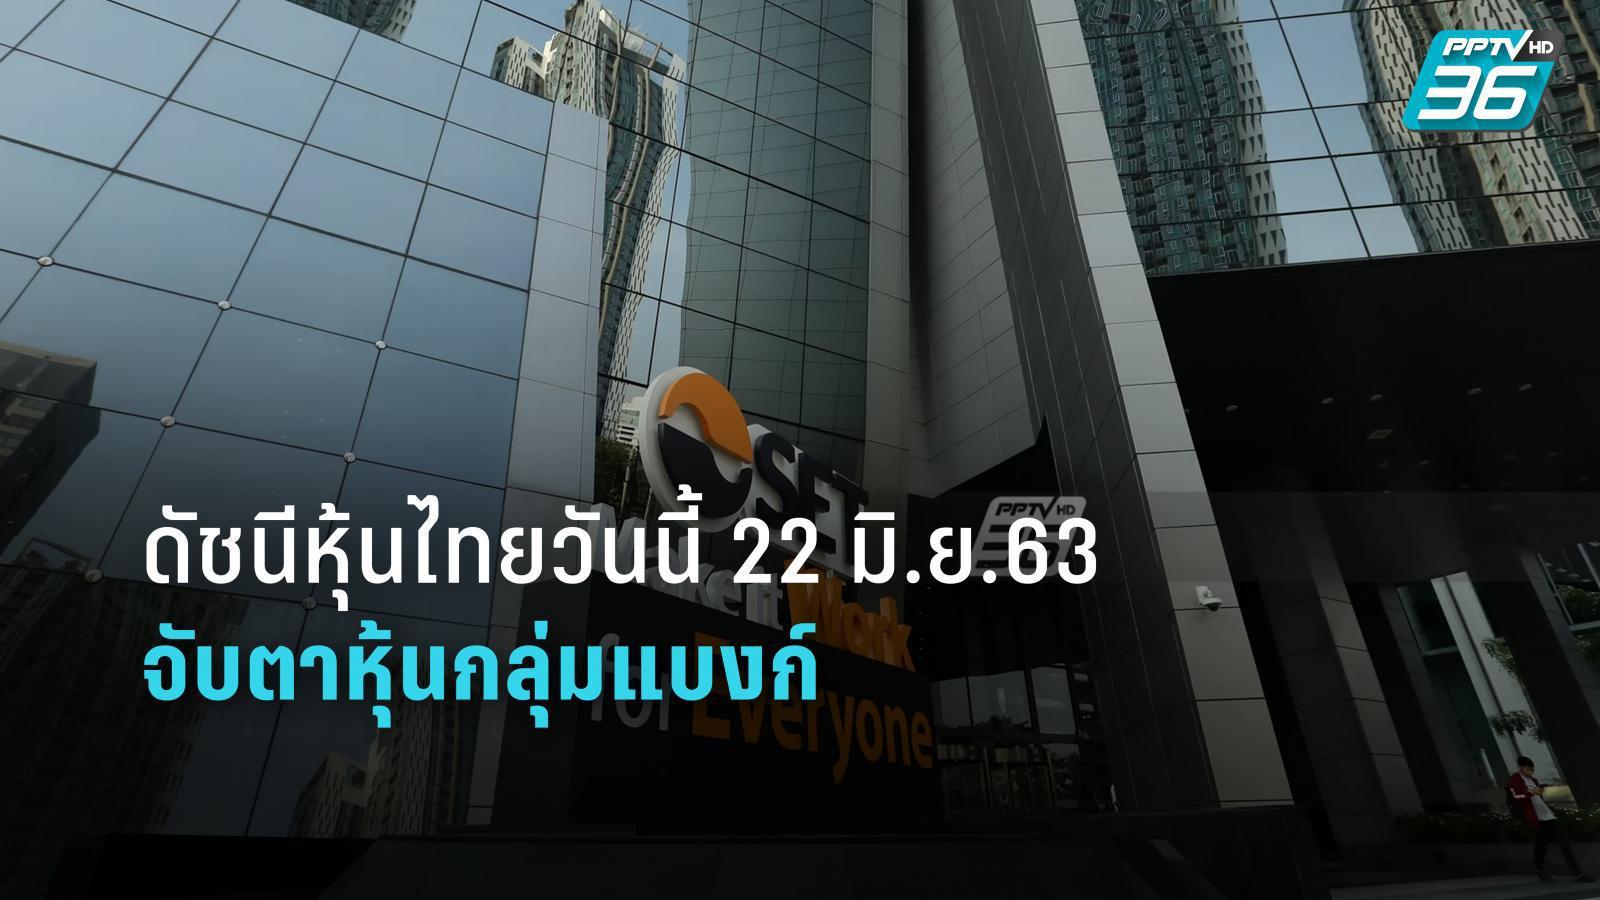 หุ้นไทยไหลลงตลอดช่วงบ่าย ปิดที่  1,352.18 จุด ลดลง -18.64 จุด